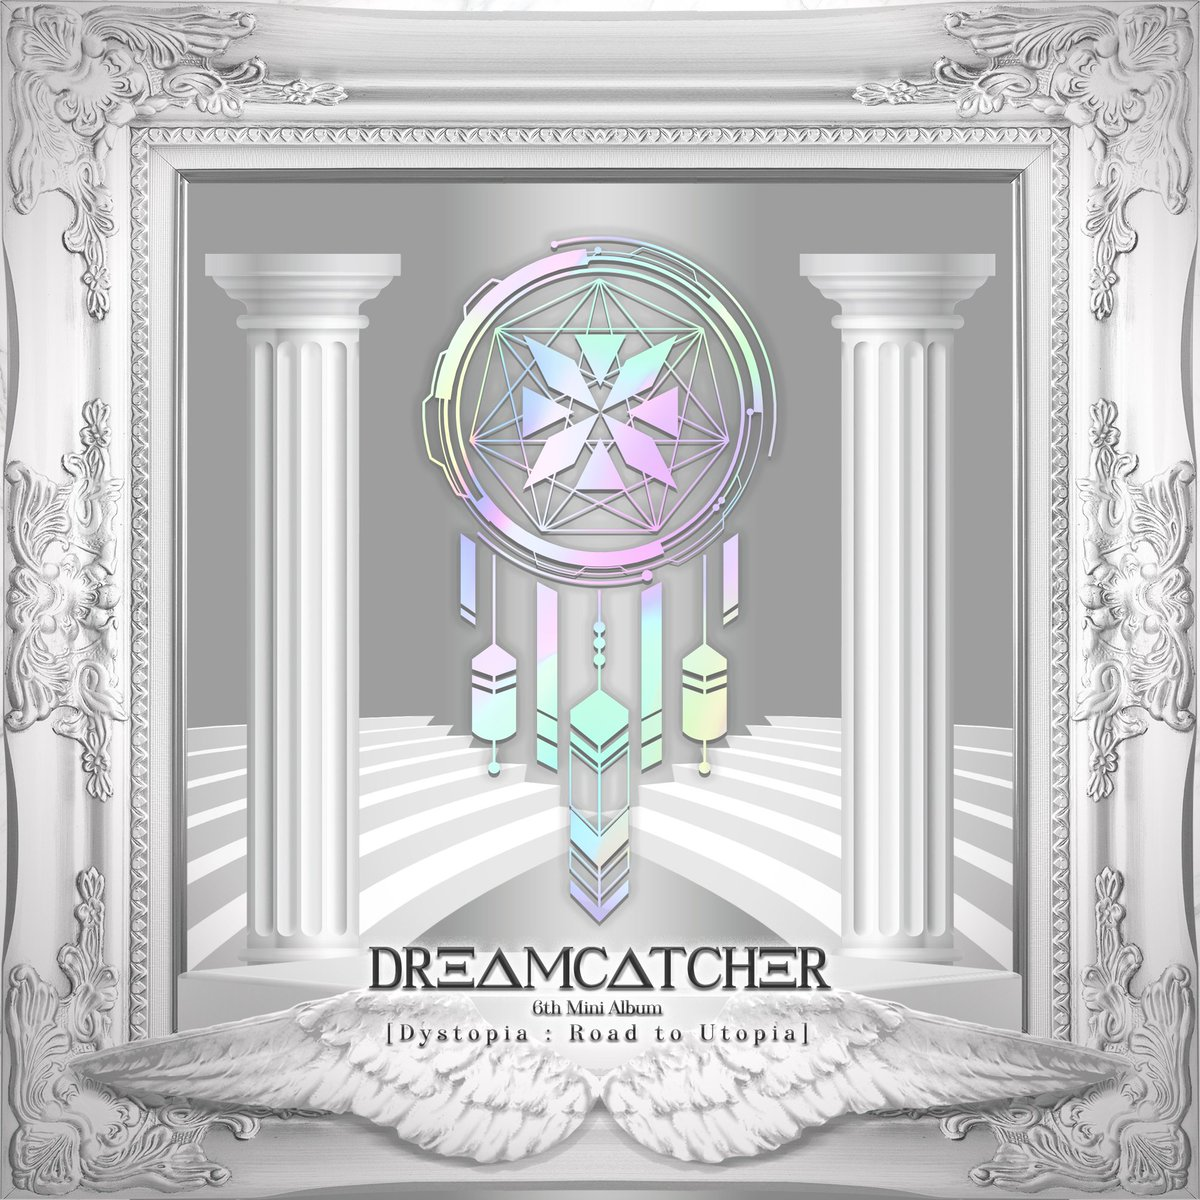 #Dreamcatcher